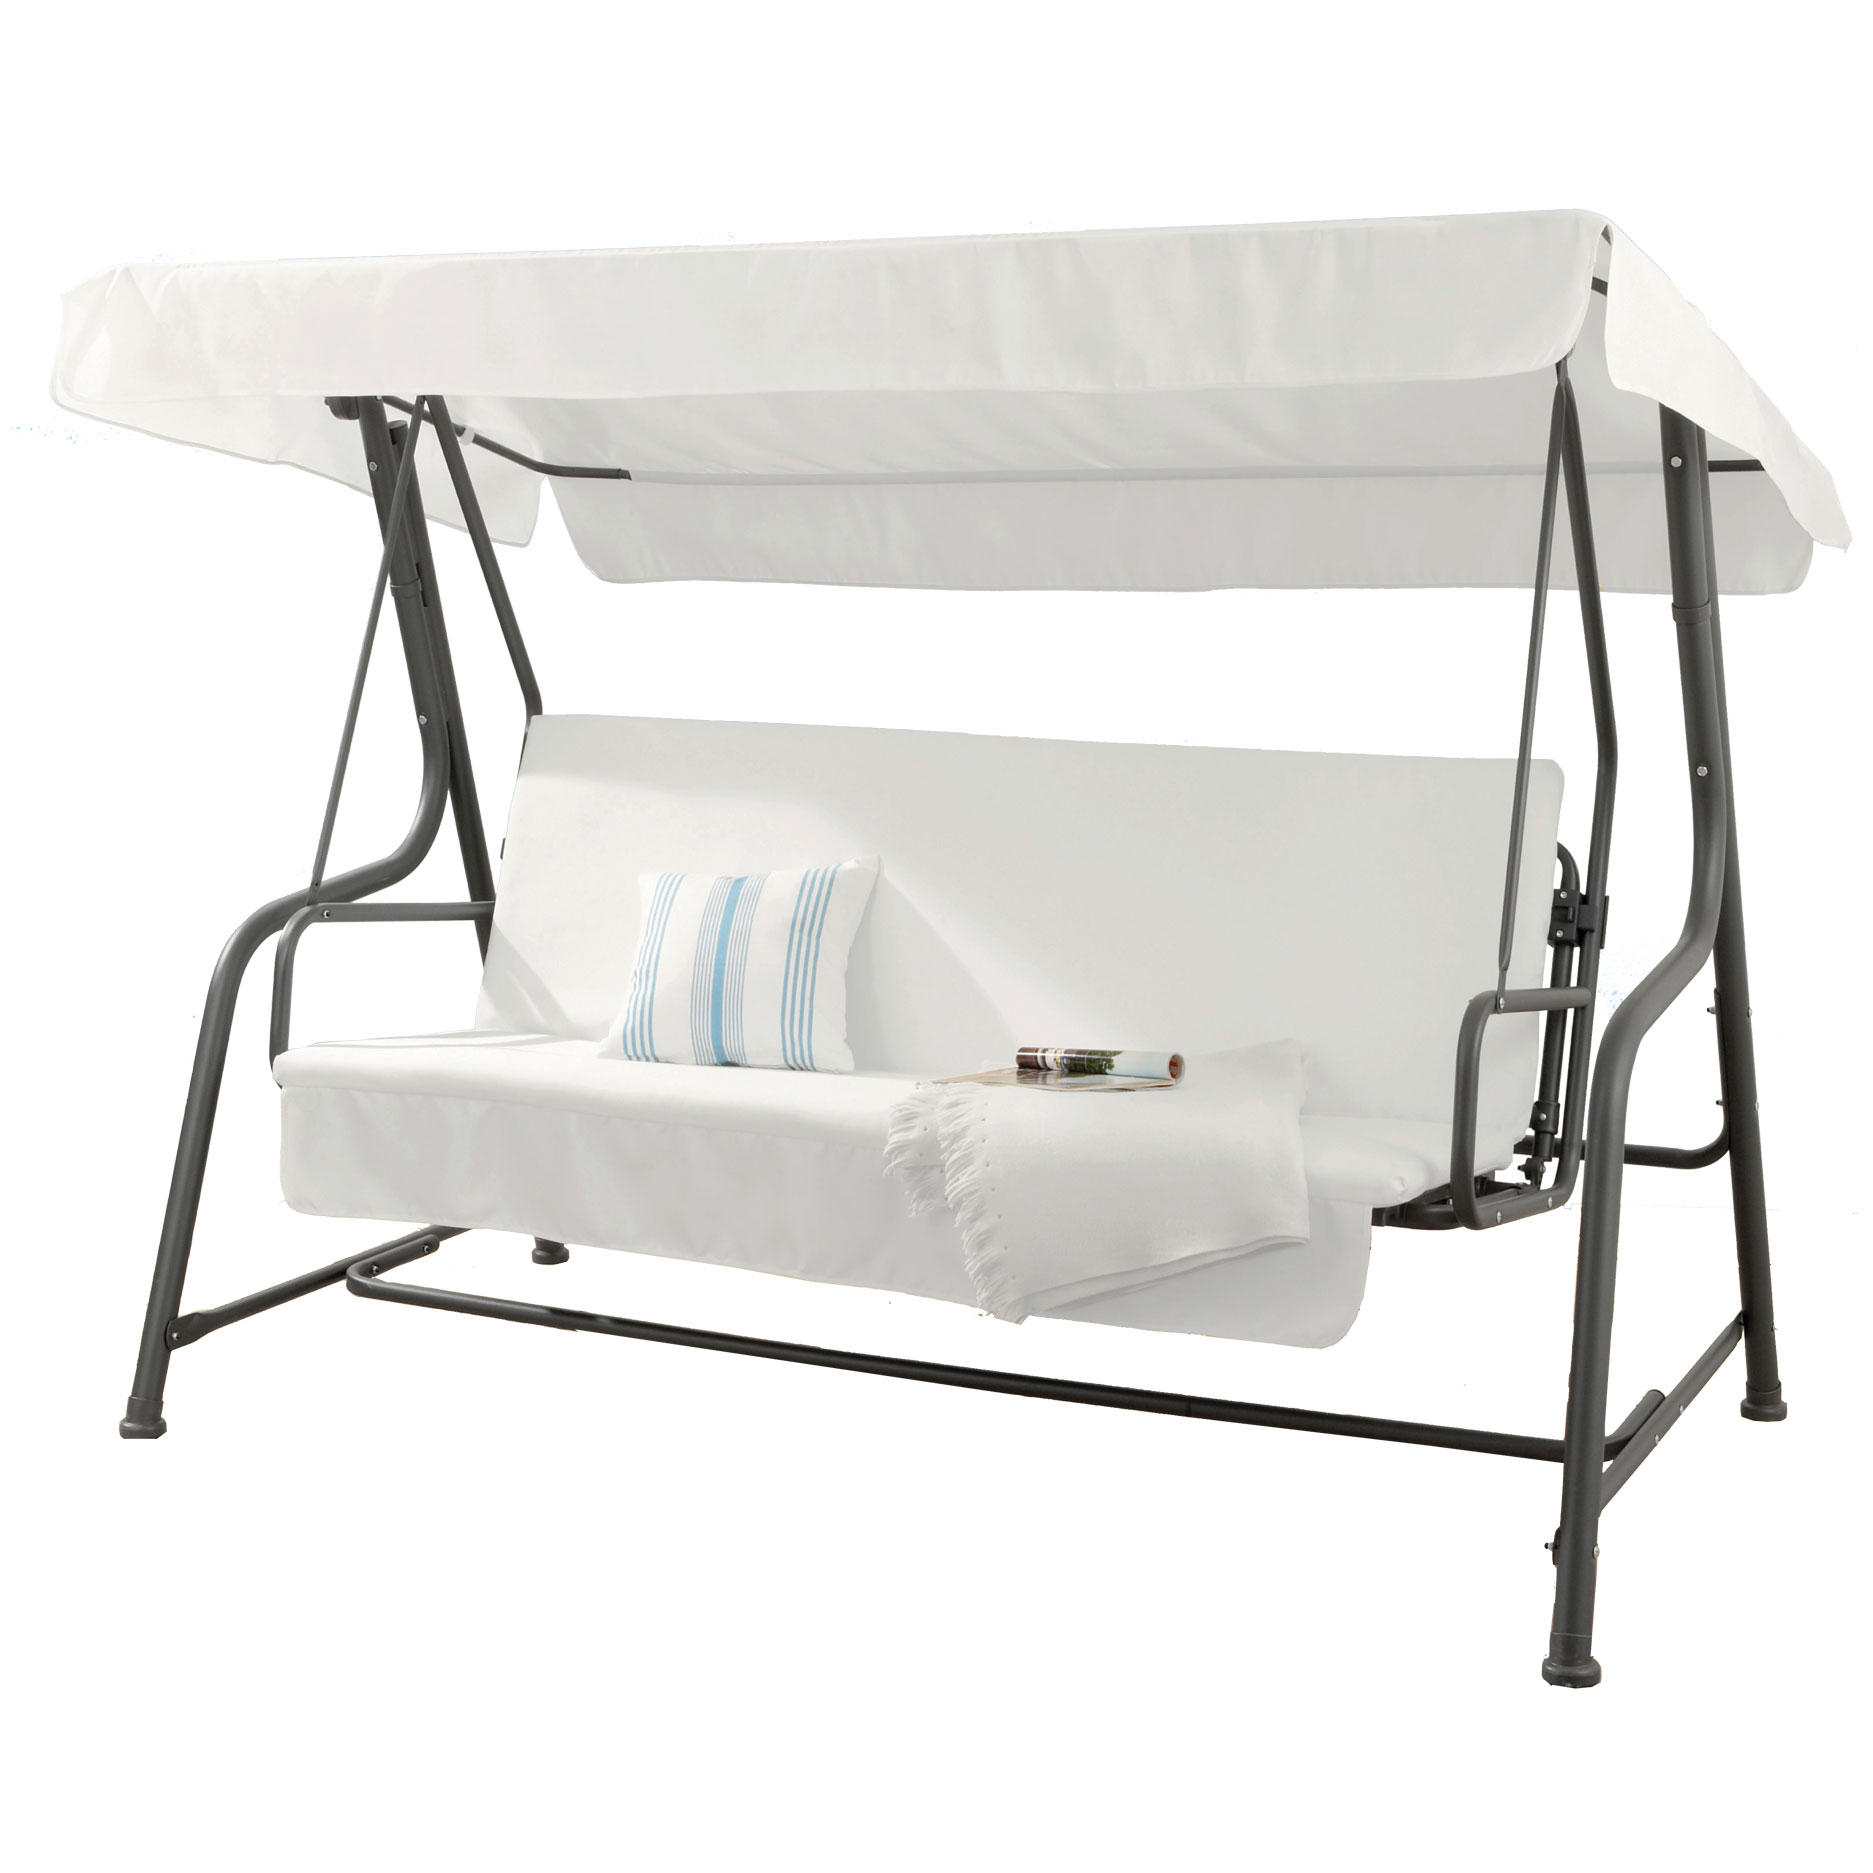 Dondolo grande 4 posti in acciaio trasformabile in letto - Letto a dondolo ...